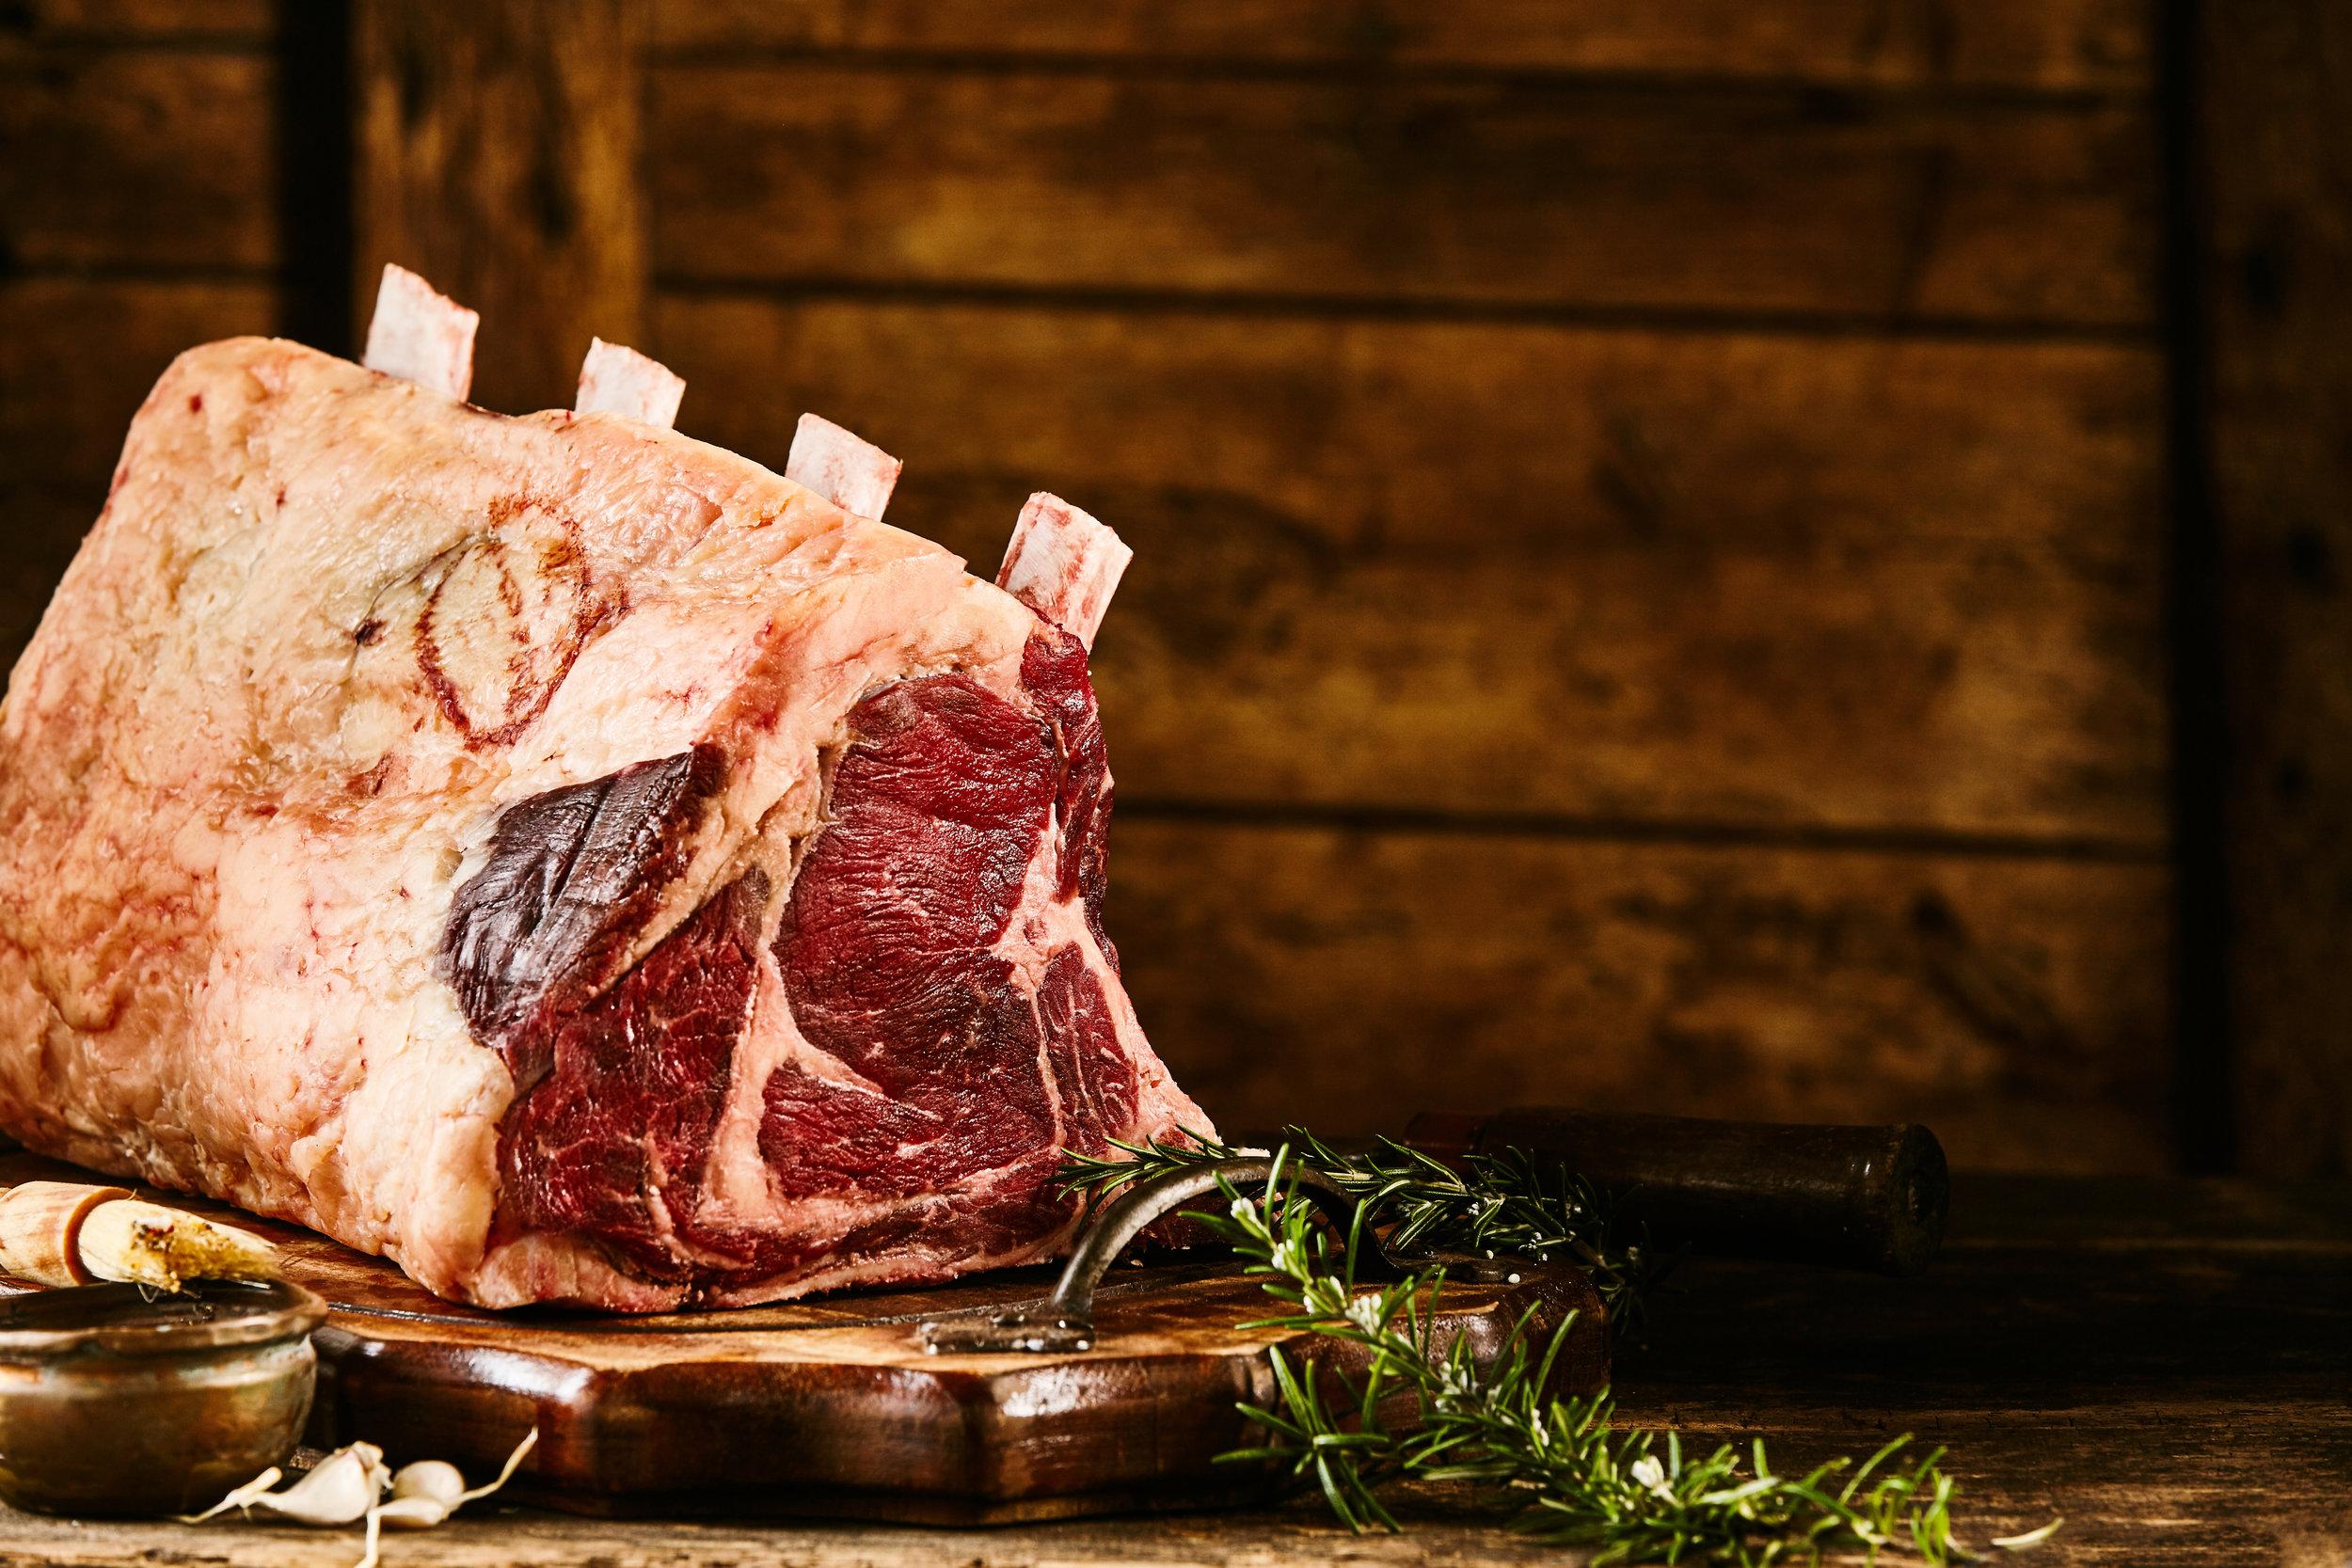 Les viandes sont des meilleures origines   Toutes issues de races à viande et sélectionnées avec attention. La race Limousine pour la viande de Boeuf a été choisie pour ses qualités gustatives et sa propension à être bien persillée, gage de saveur.